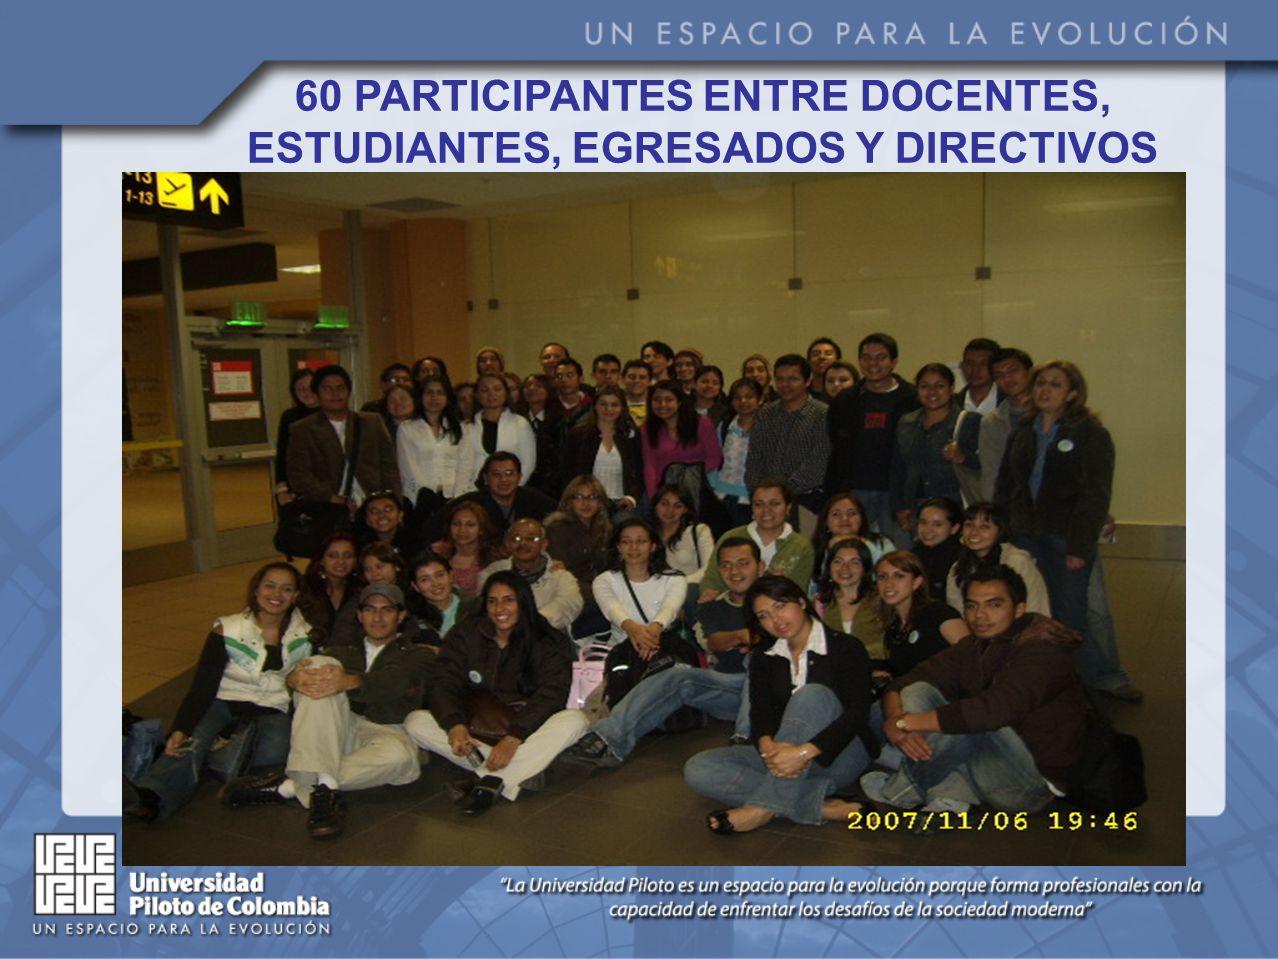 60 PARTICIPANTES ENTRE DOCENTES, ESTUDIANTES, EGRESADOS Y DIRECTIVOS